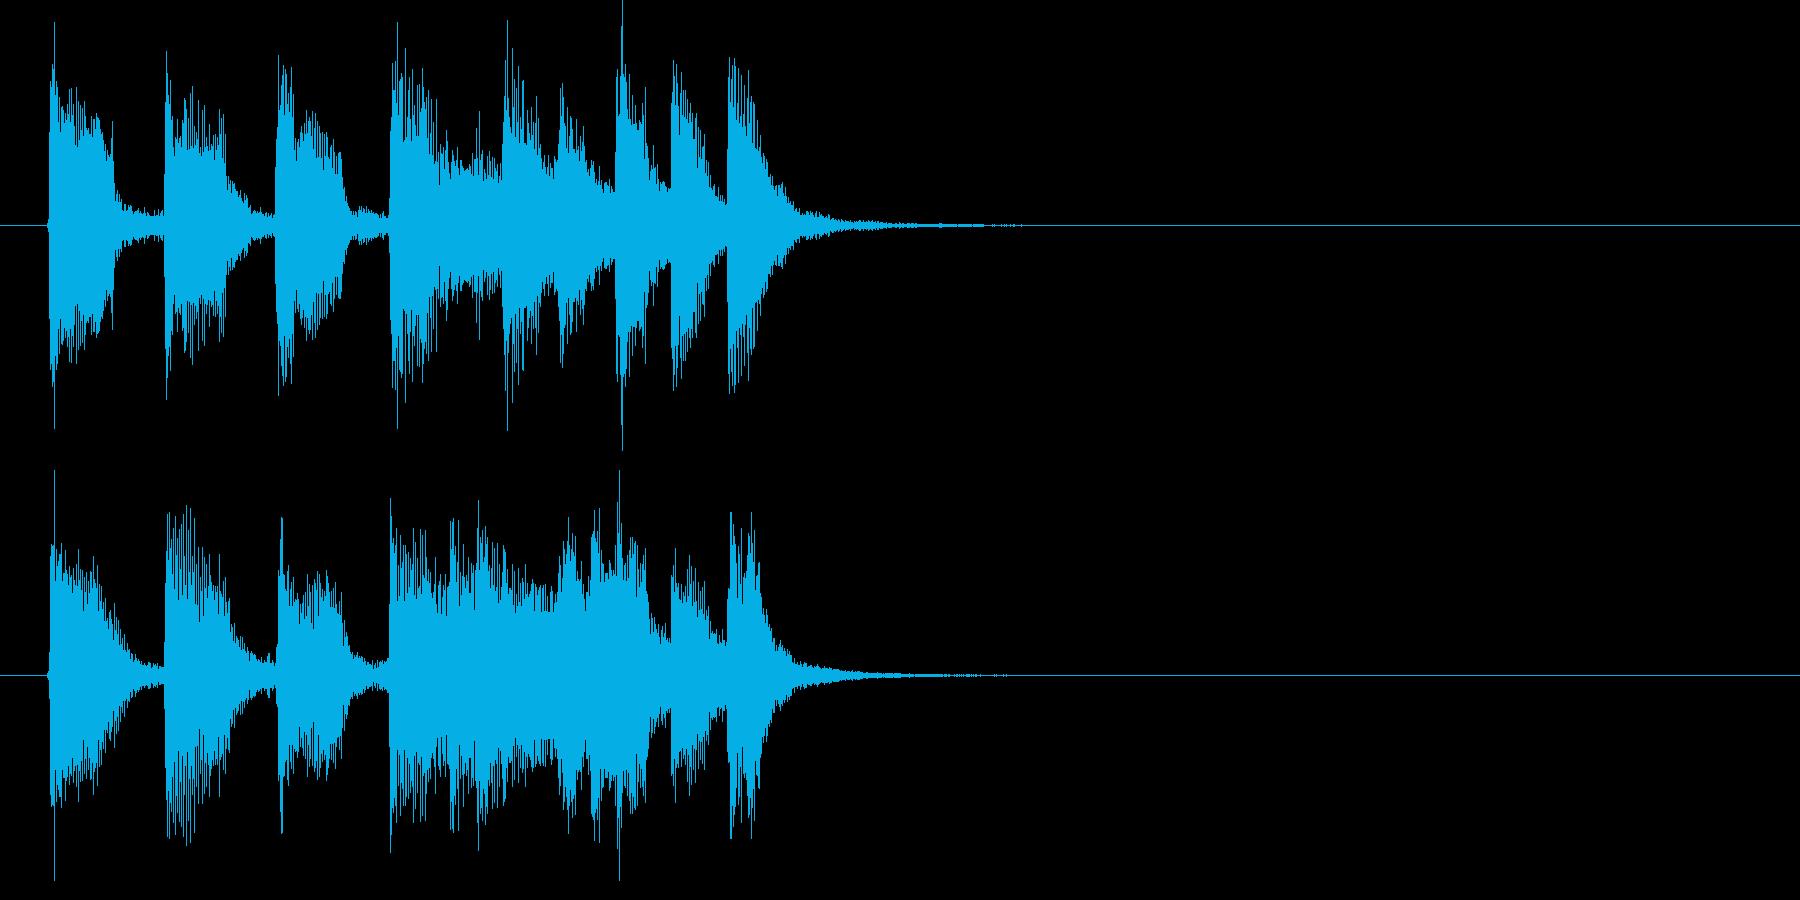 爽やかで明るいおしゃれな音楽の再生済みの波形